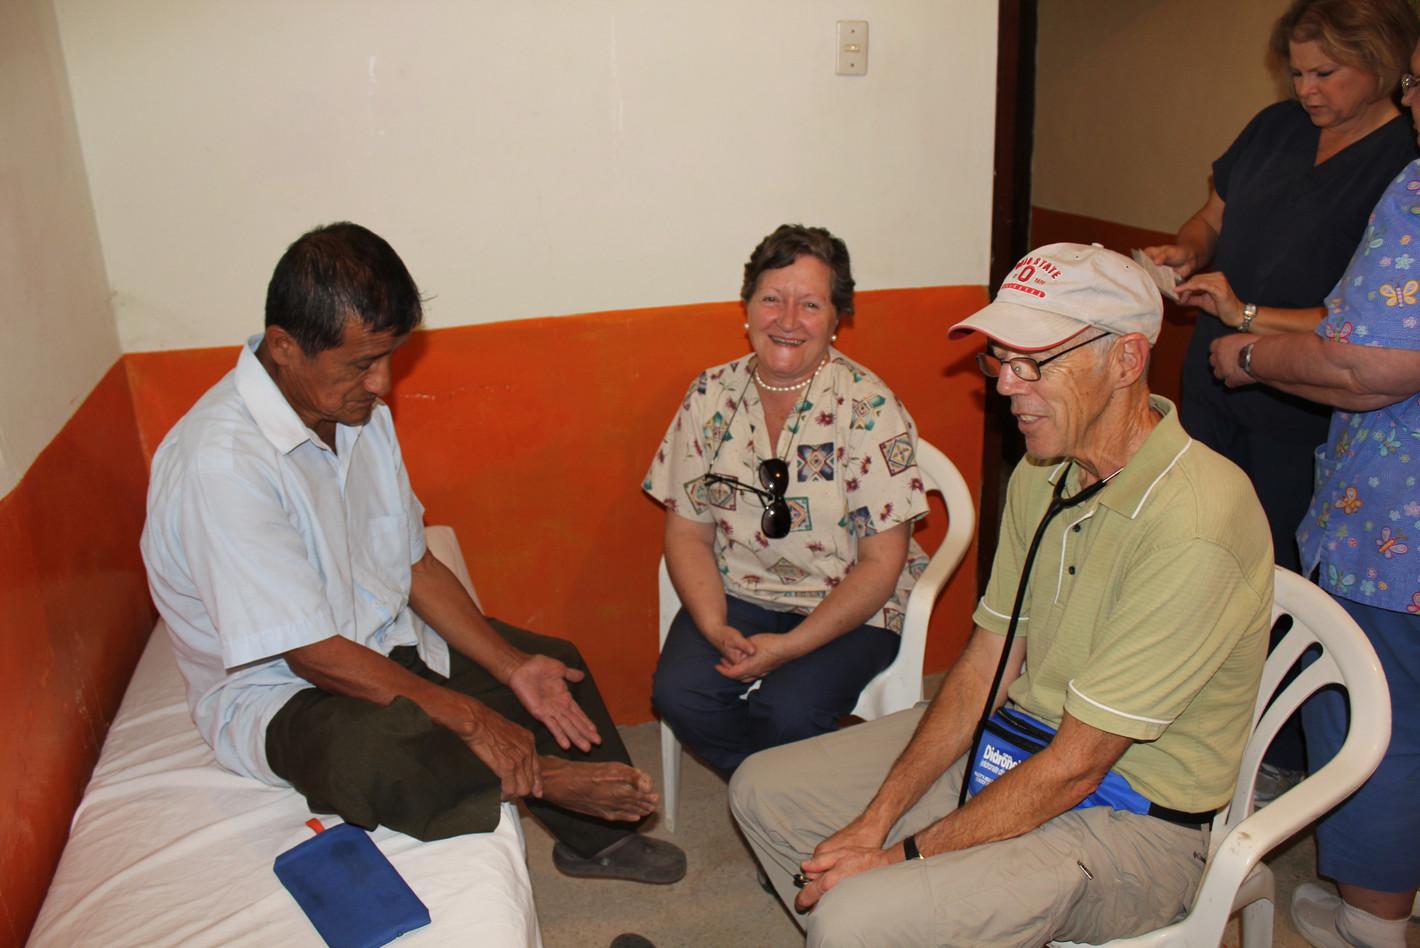 Consuelo Donoso, Ecuadorian translator for U.S. MD Allmon and patient in 2014